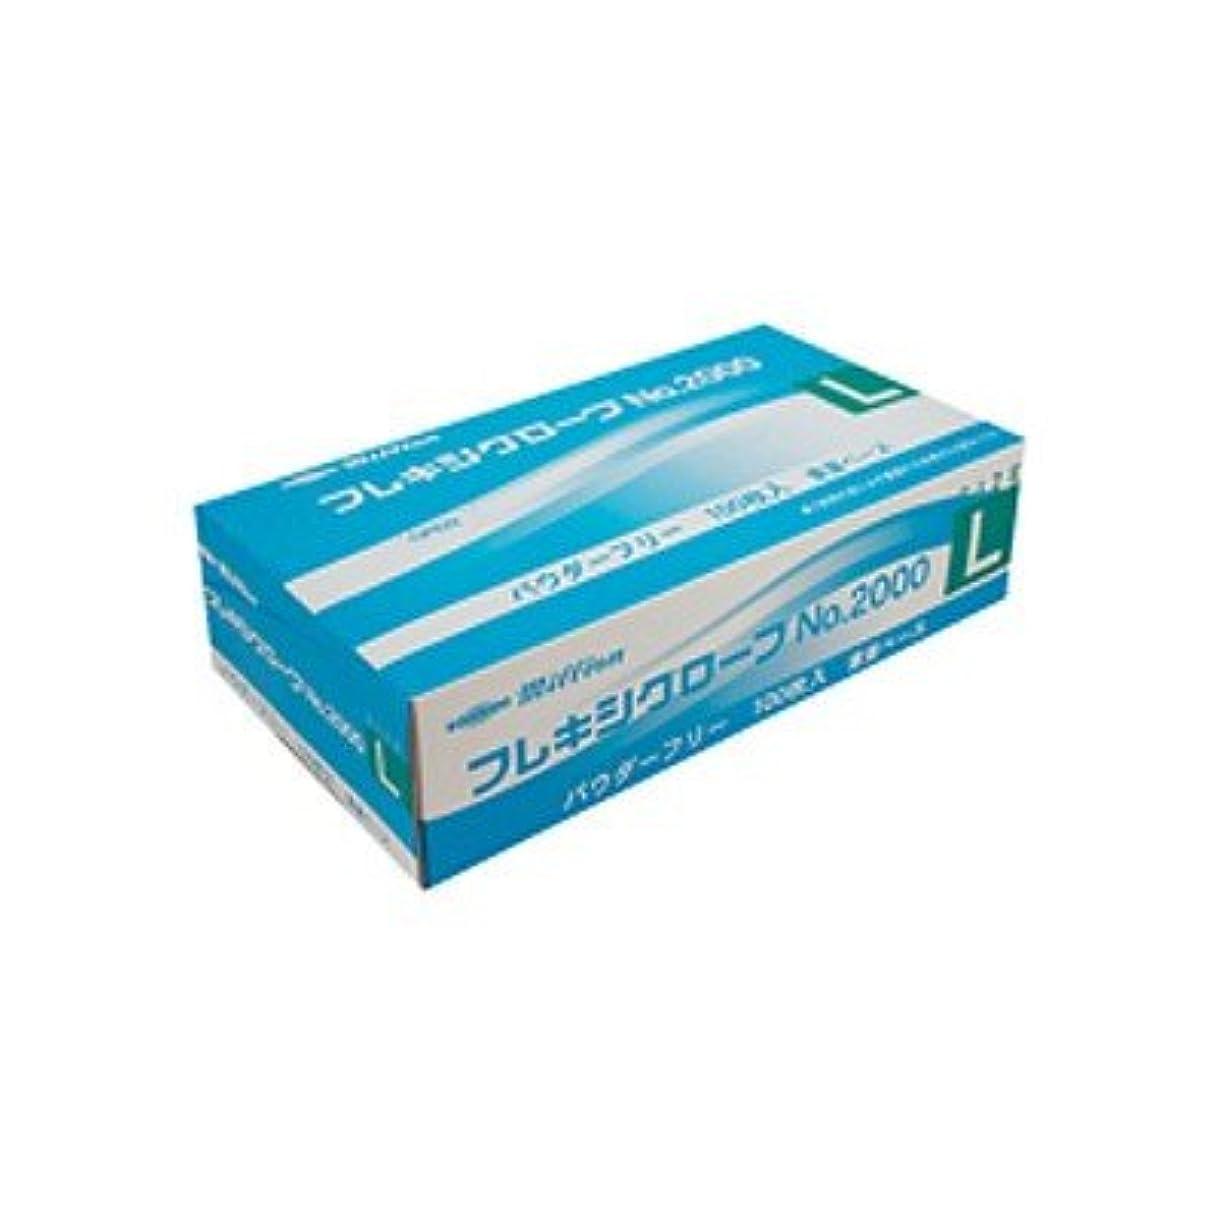 洞察力のある解釈する食器棚ミリオン プラスチック手袋 粉無No.2000 L 品番:LH-2000-L 注文番号:62741620 メーカー:共和